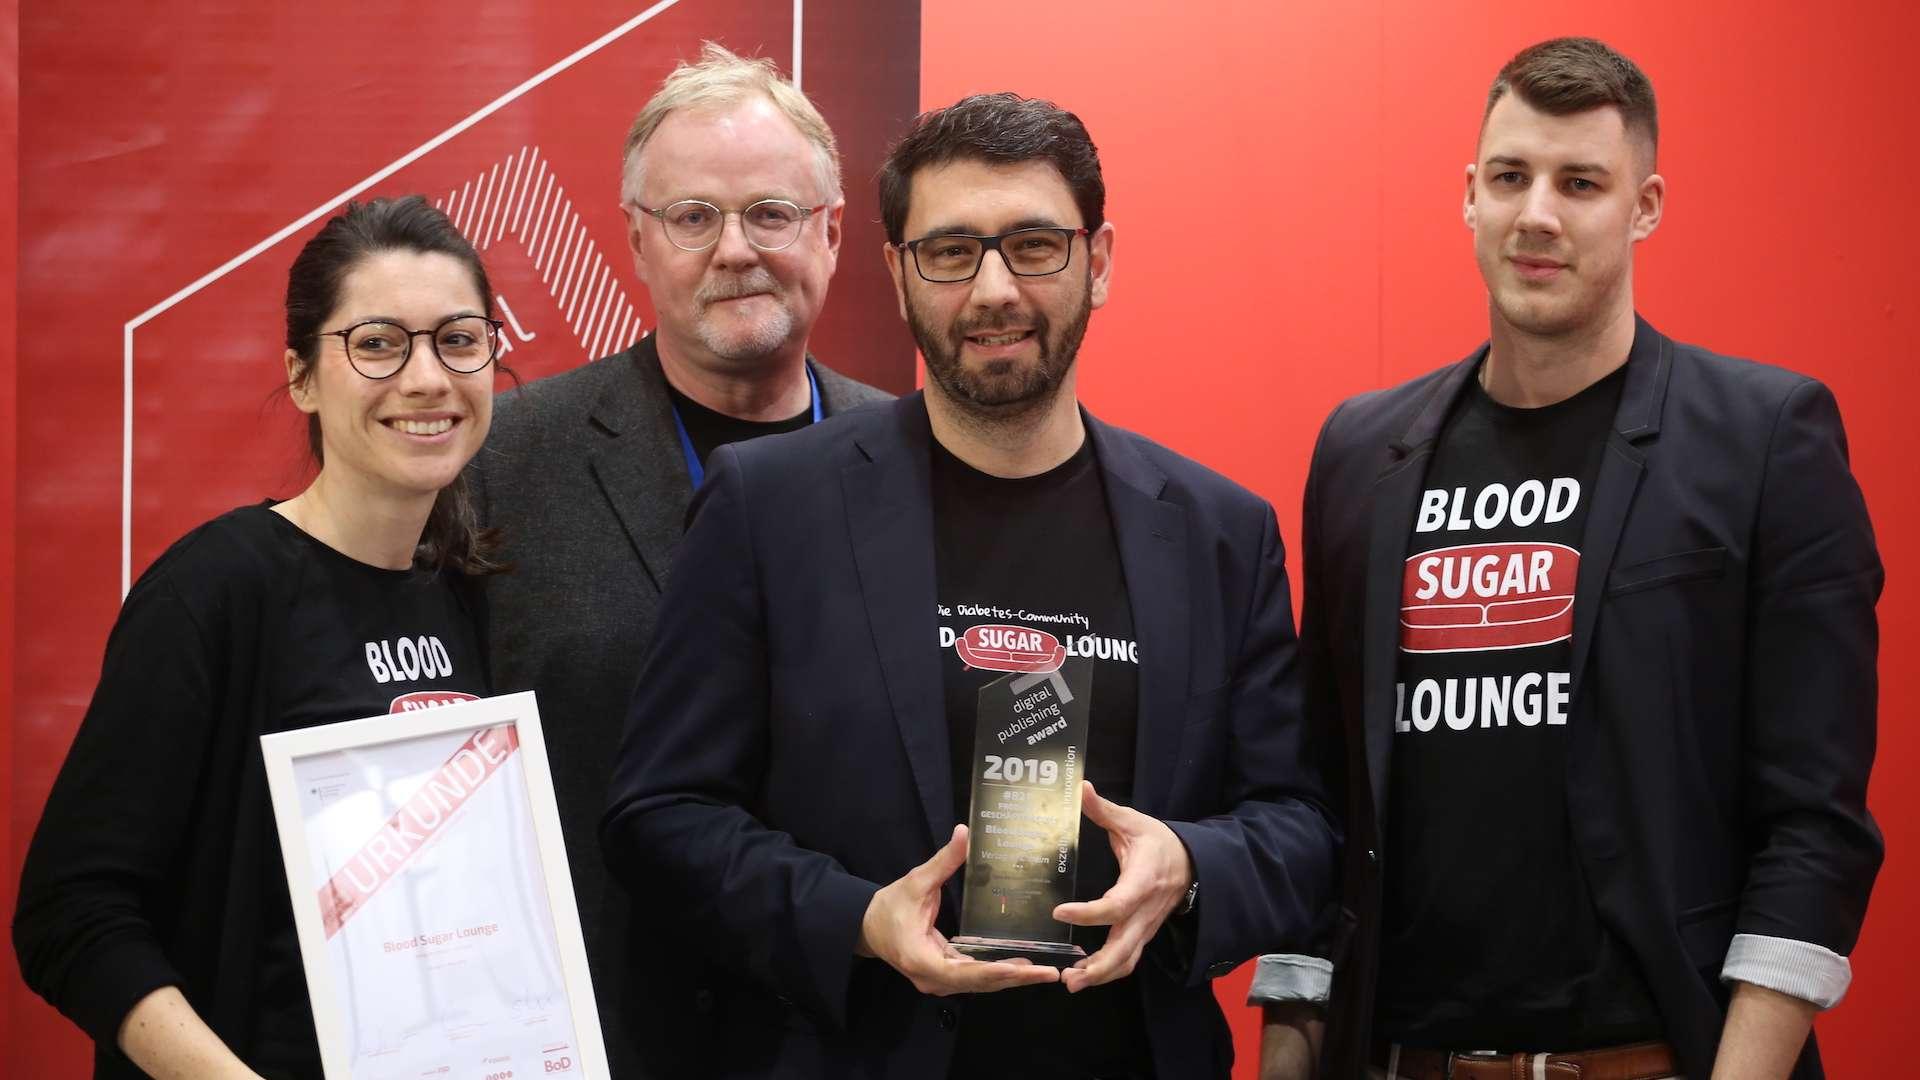 Vier Mitarbeiter der Blood Sugar Lounge stehen vor einem roten Hintergrund und präsentieren den gewonnen digital publishing award